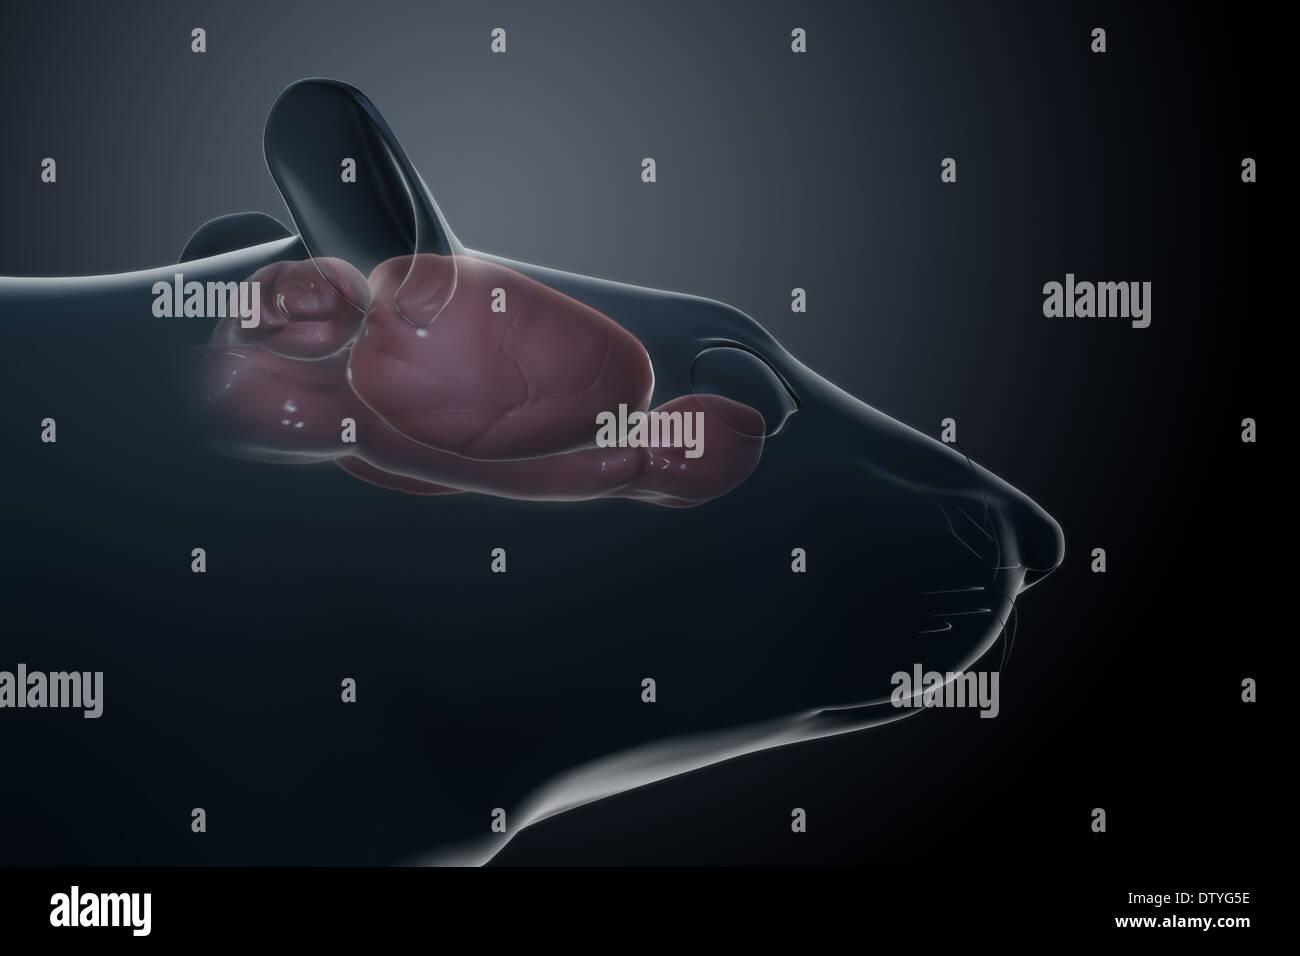 Anatomía del cerebro de rata Foto & Imagen De Stock: 66988250 - Alamy